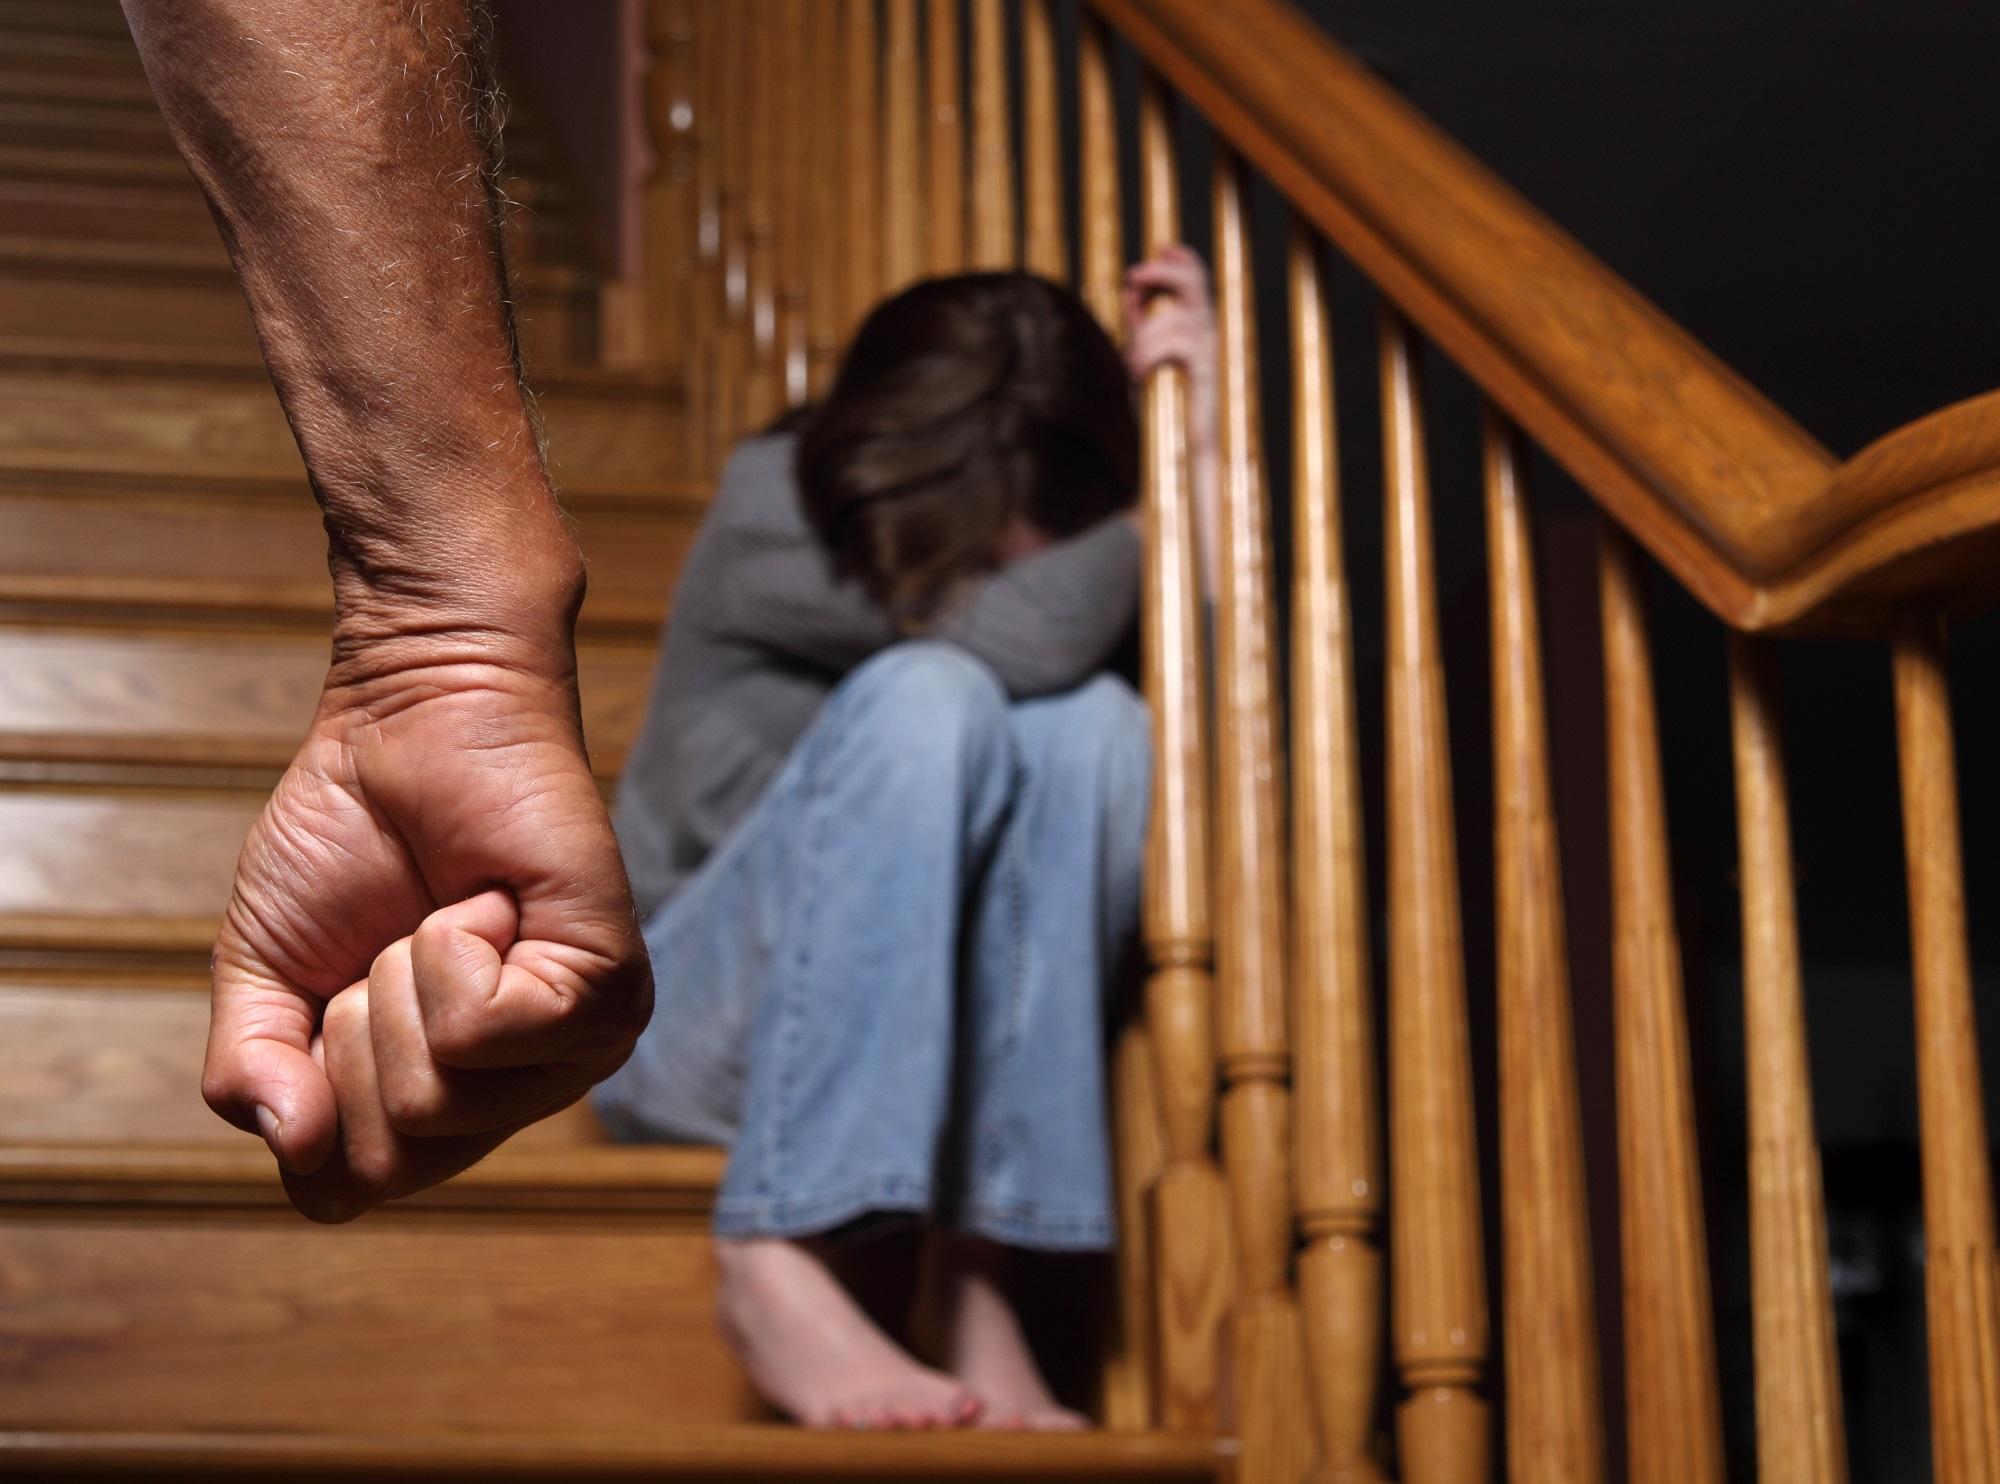 sexual maltreatment